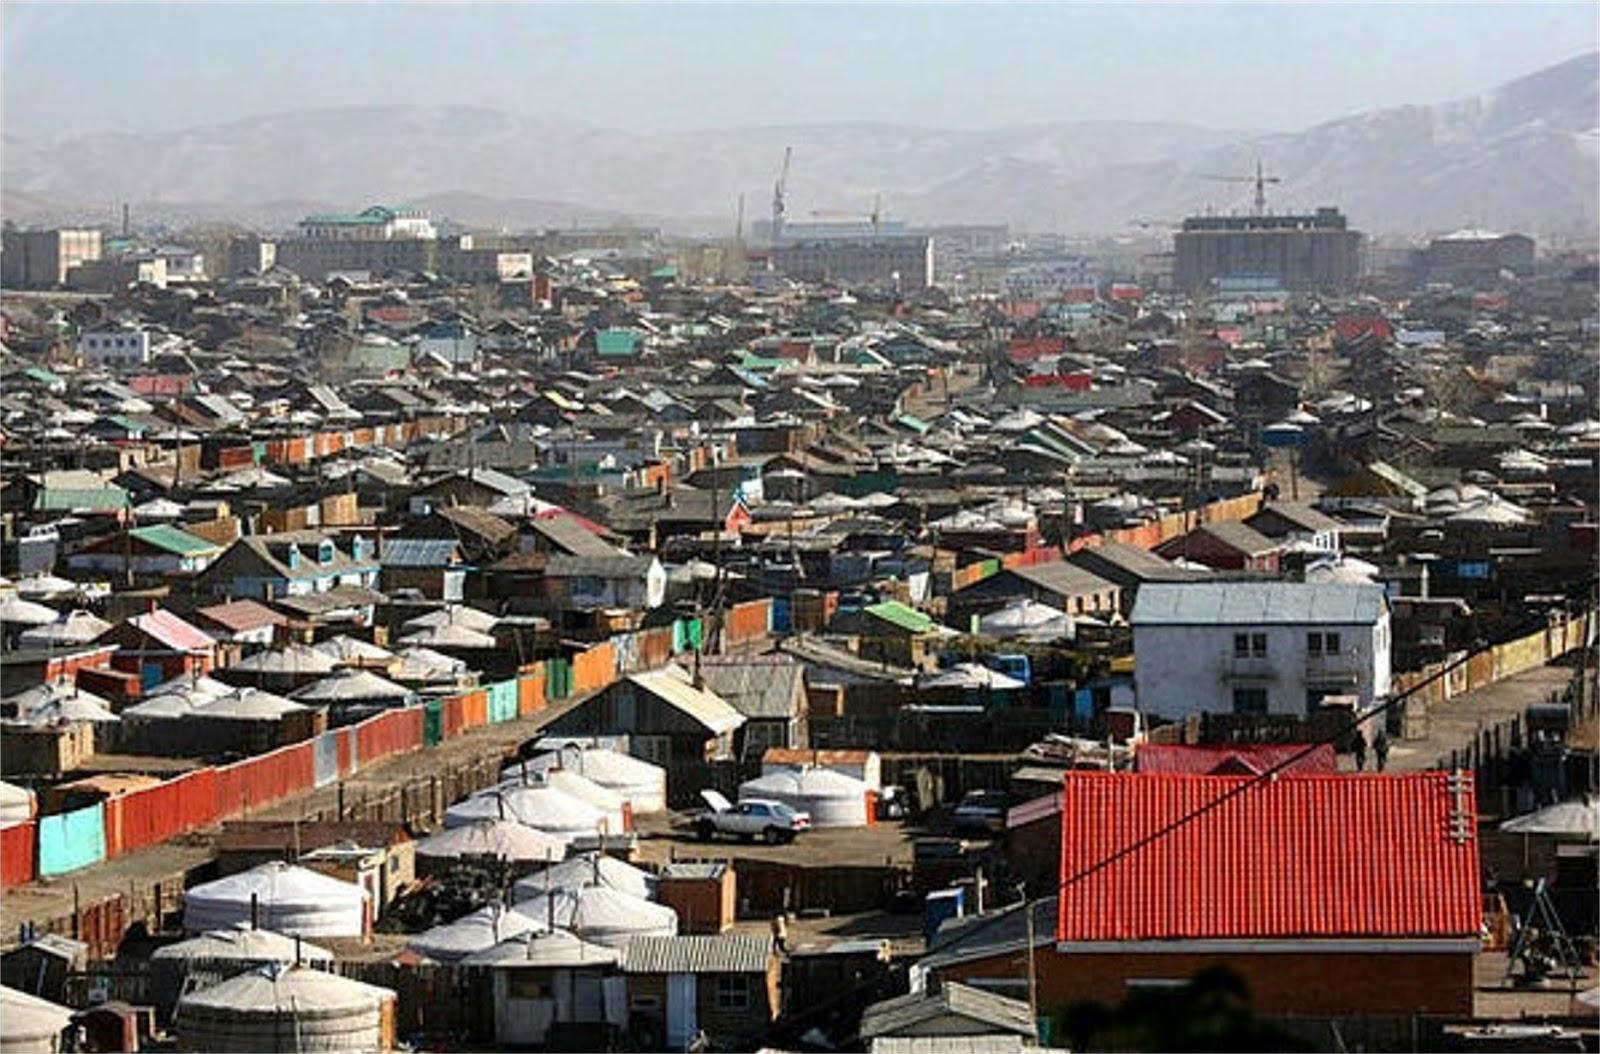 Хоёр тэрбум юанийн тусламжийг гэр хорооллын дахин төлөвлөлтөд зарцуулна